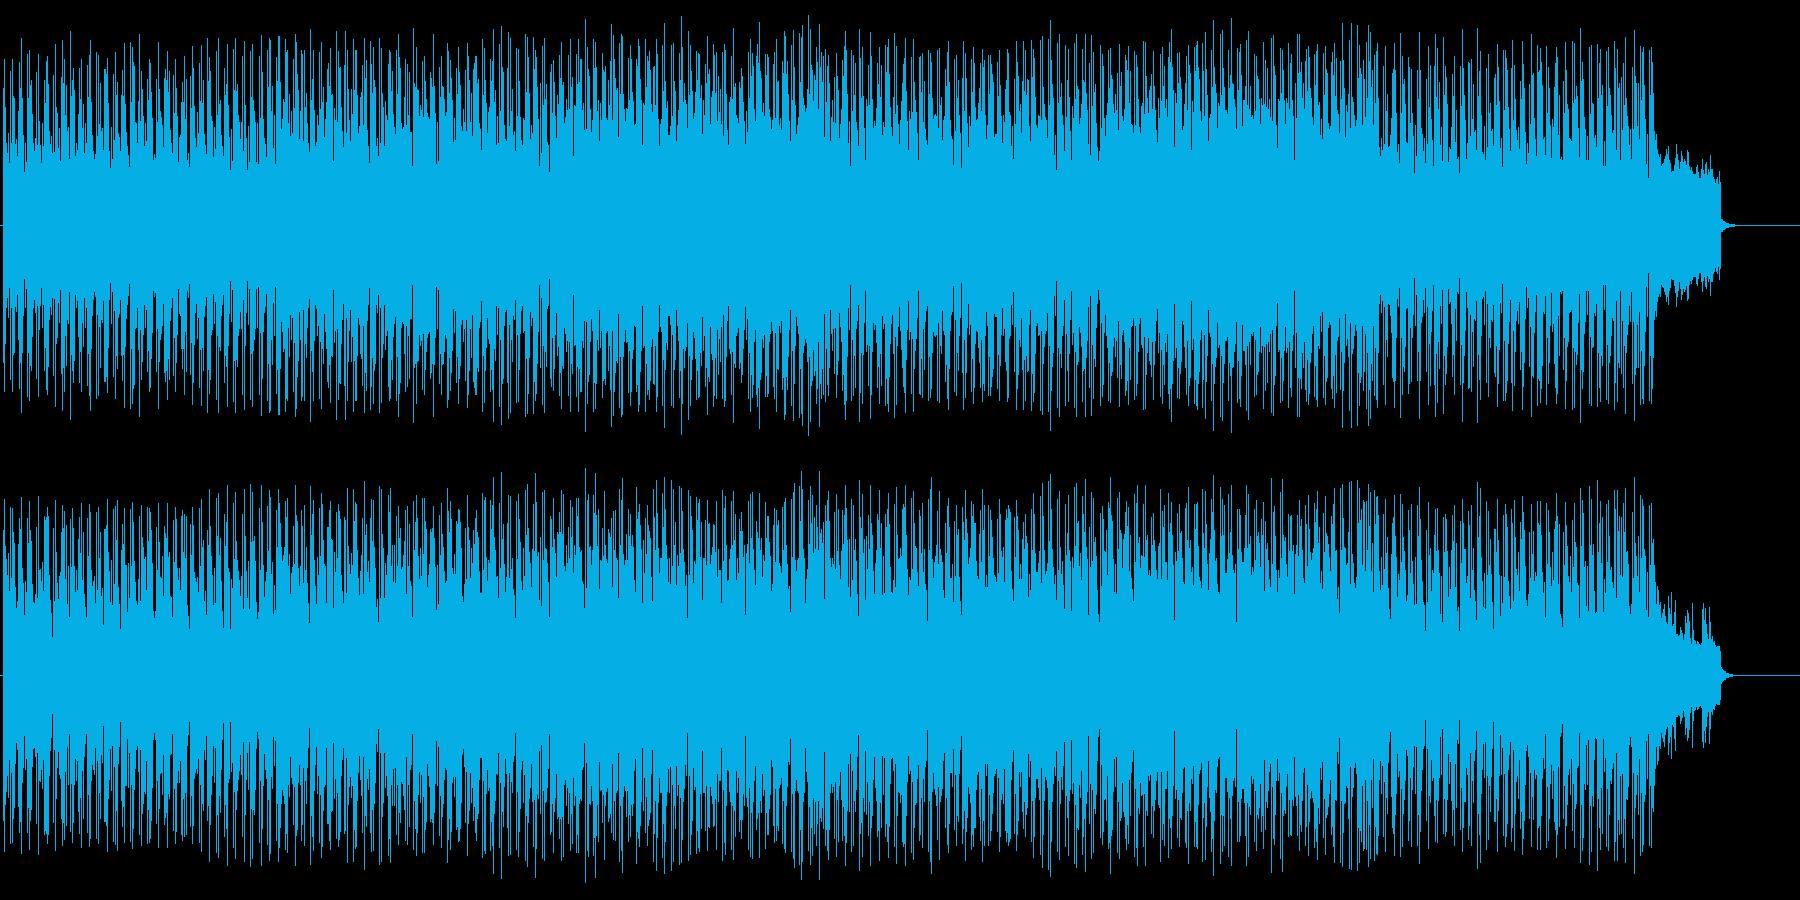 疾走感のあるモダンなポップスの再生済みの波形